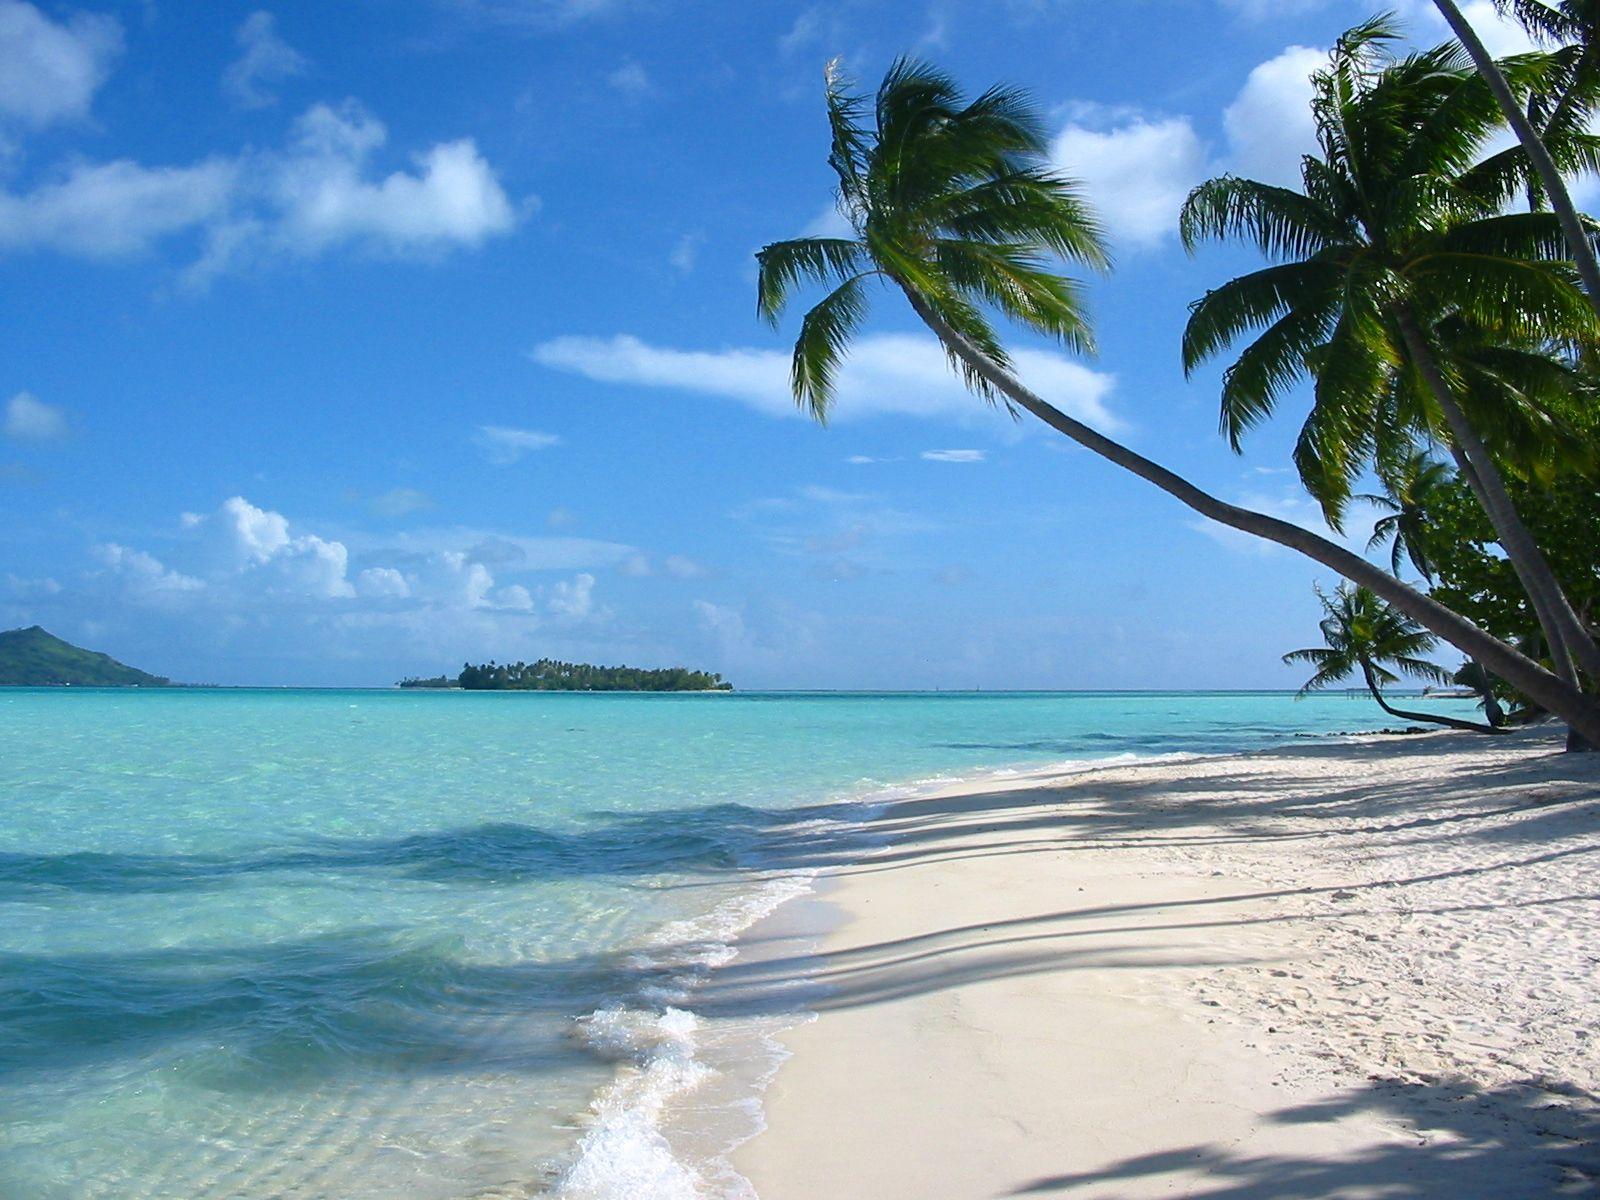 french polynesia beaches nude